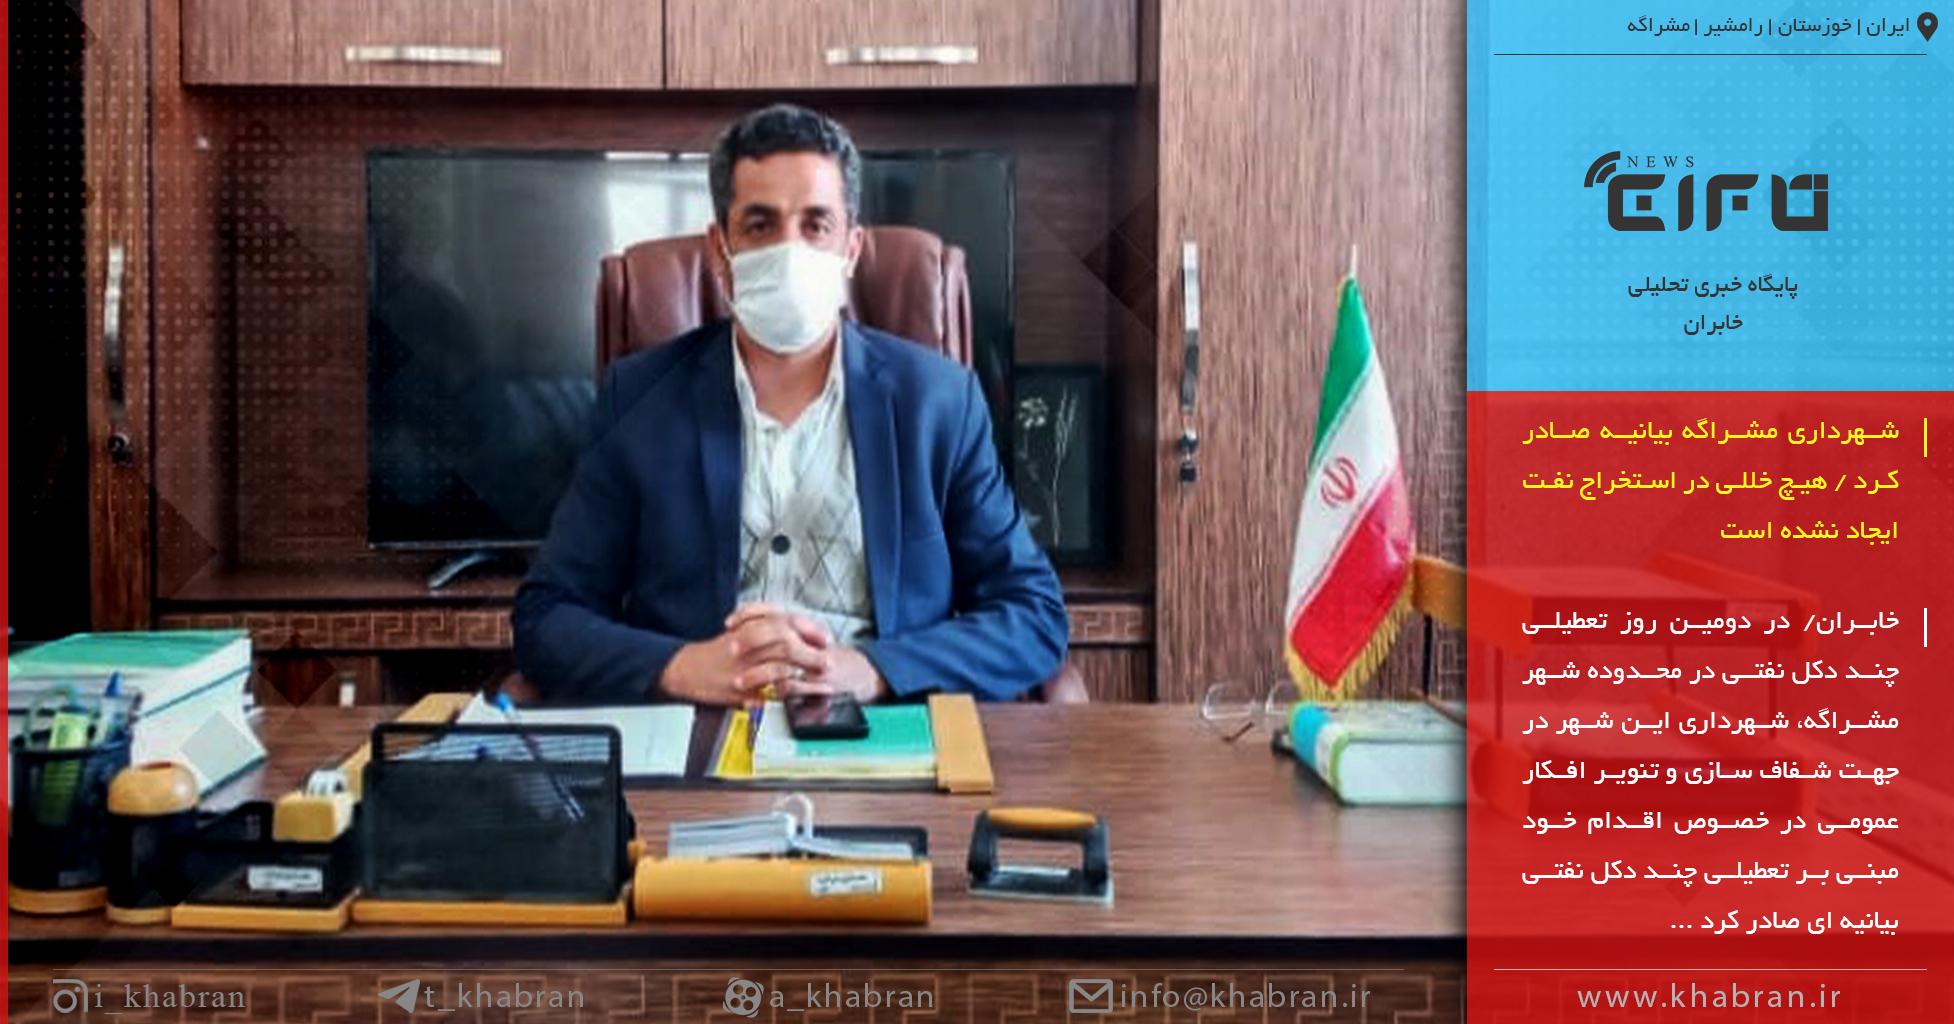 شهرداری مشراگه بیانیه صادر کرد / هیچ خللی در استخراج نفت ایجاد نشده است